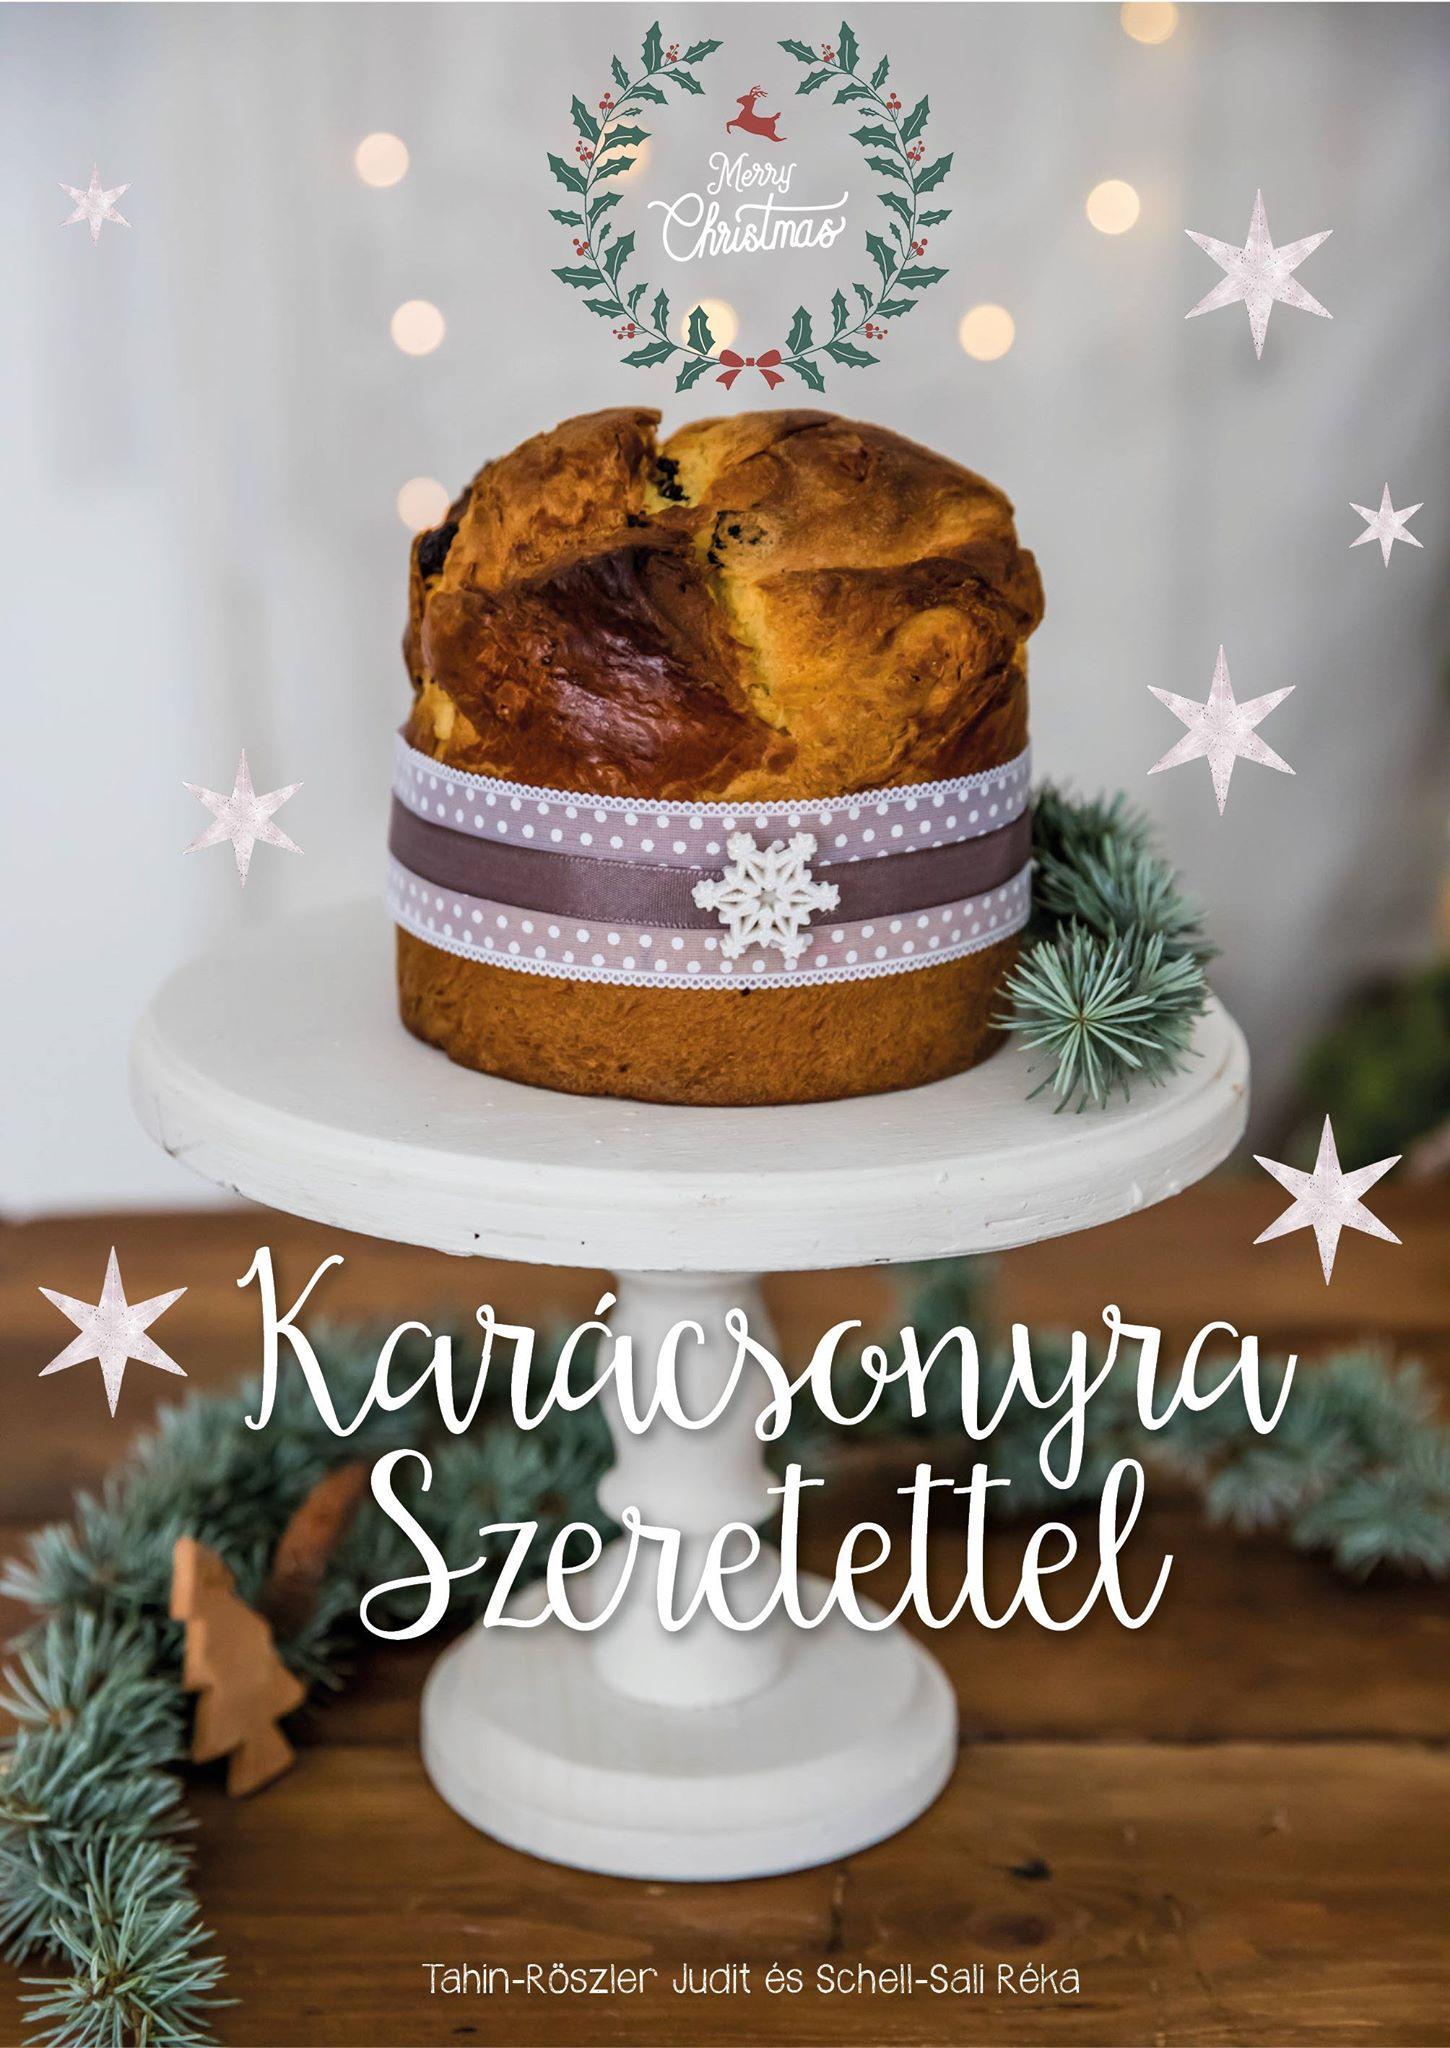 E-book – Karácsonyi receptfüzet